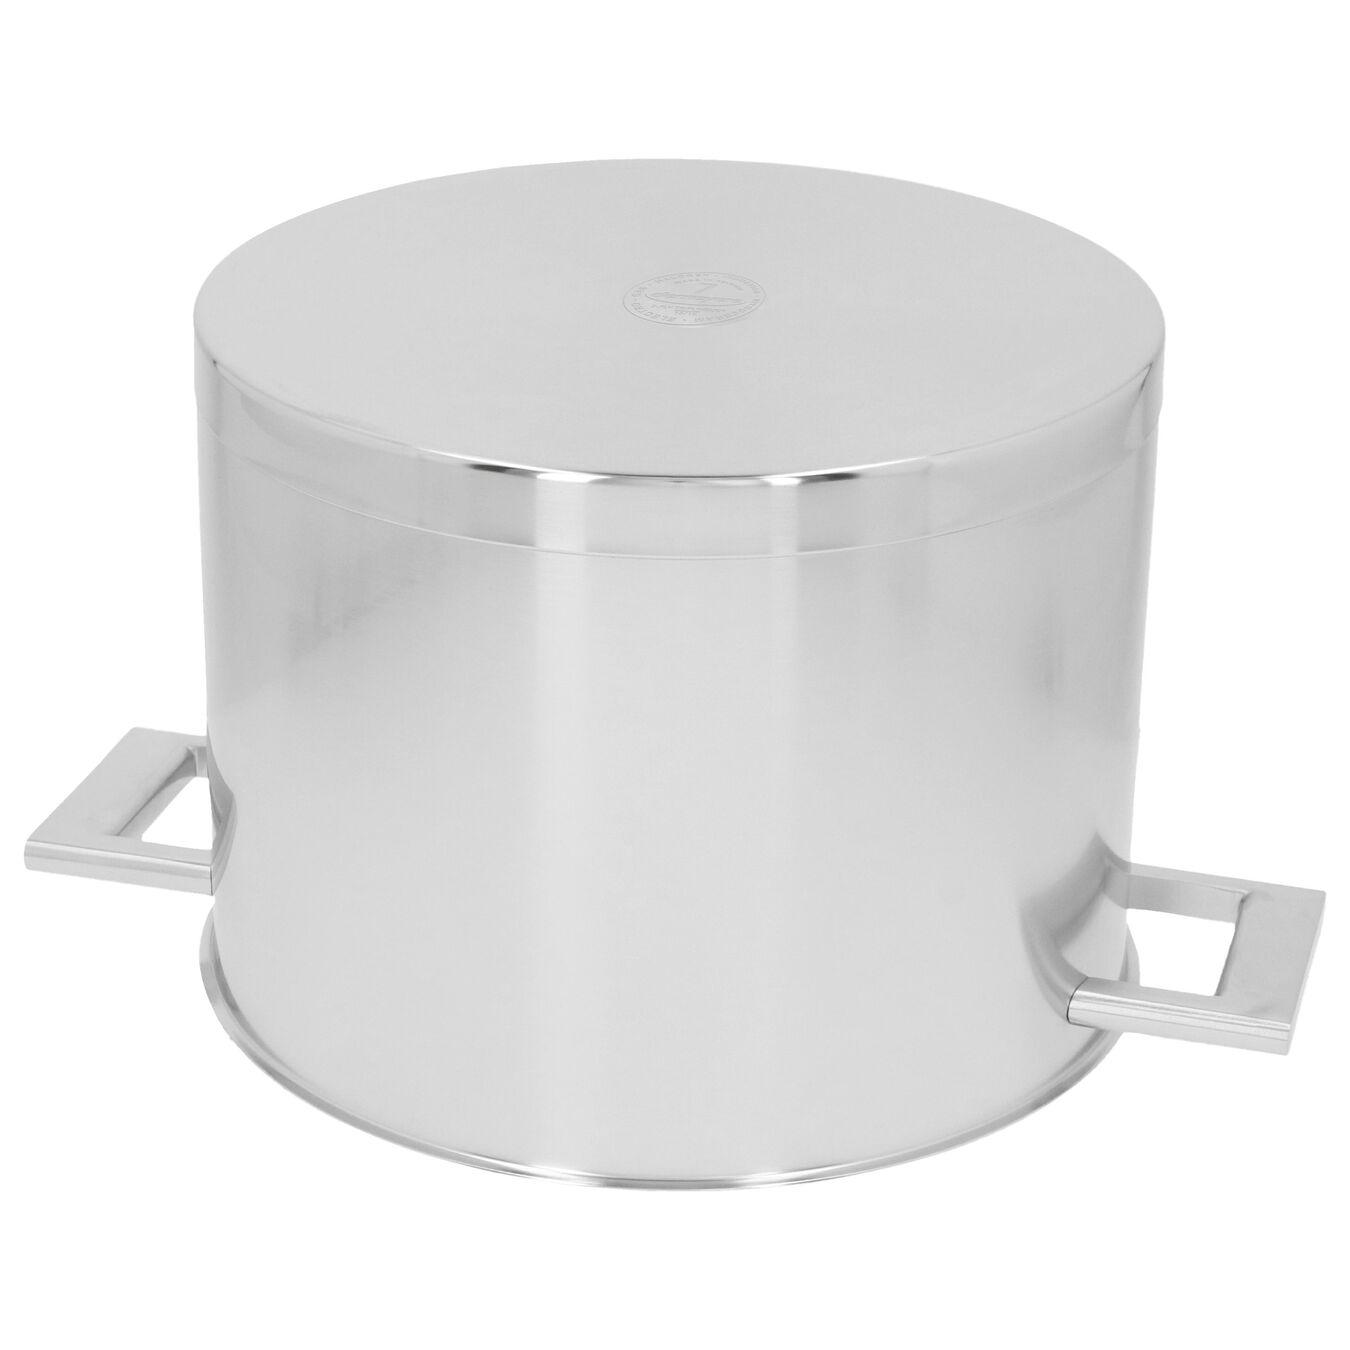 Derin Tencere çift çıdarlı kapak | 18/10 Paslanmaz Çelik | 24 cm,,large 4